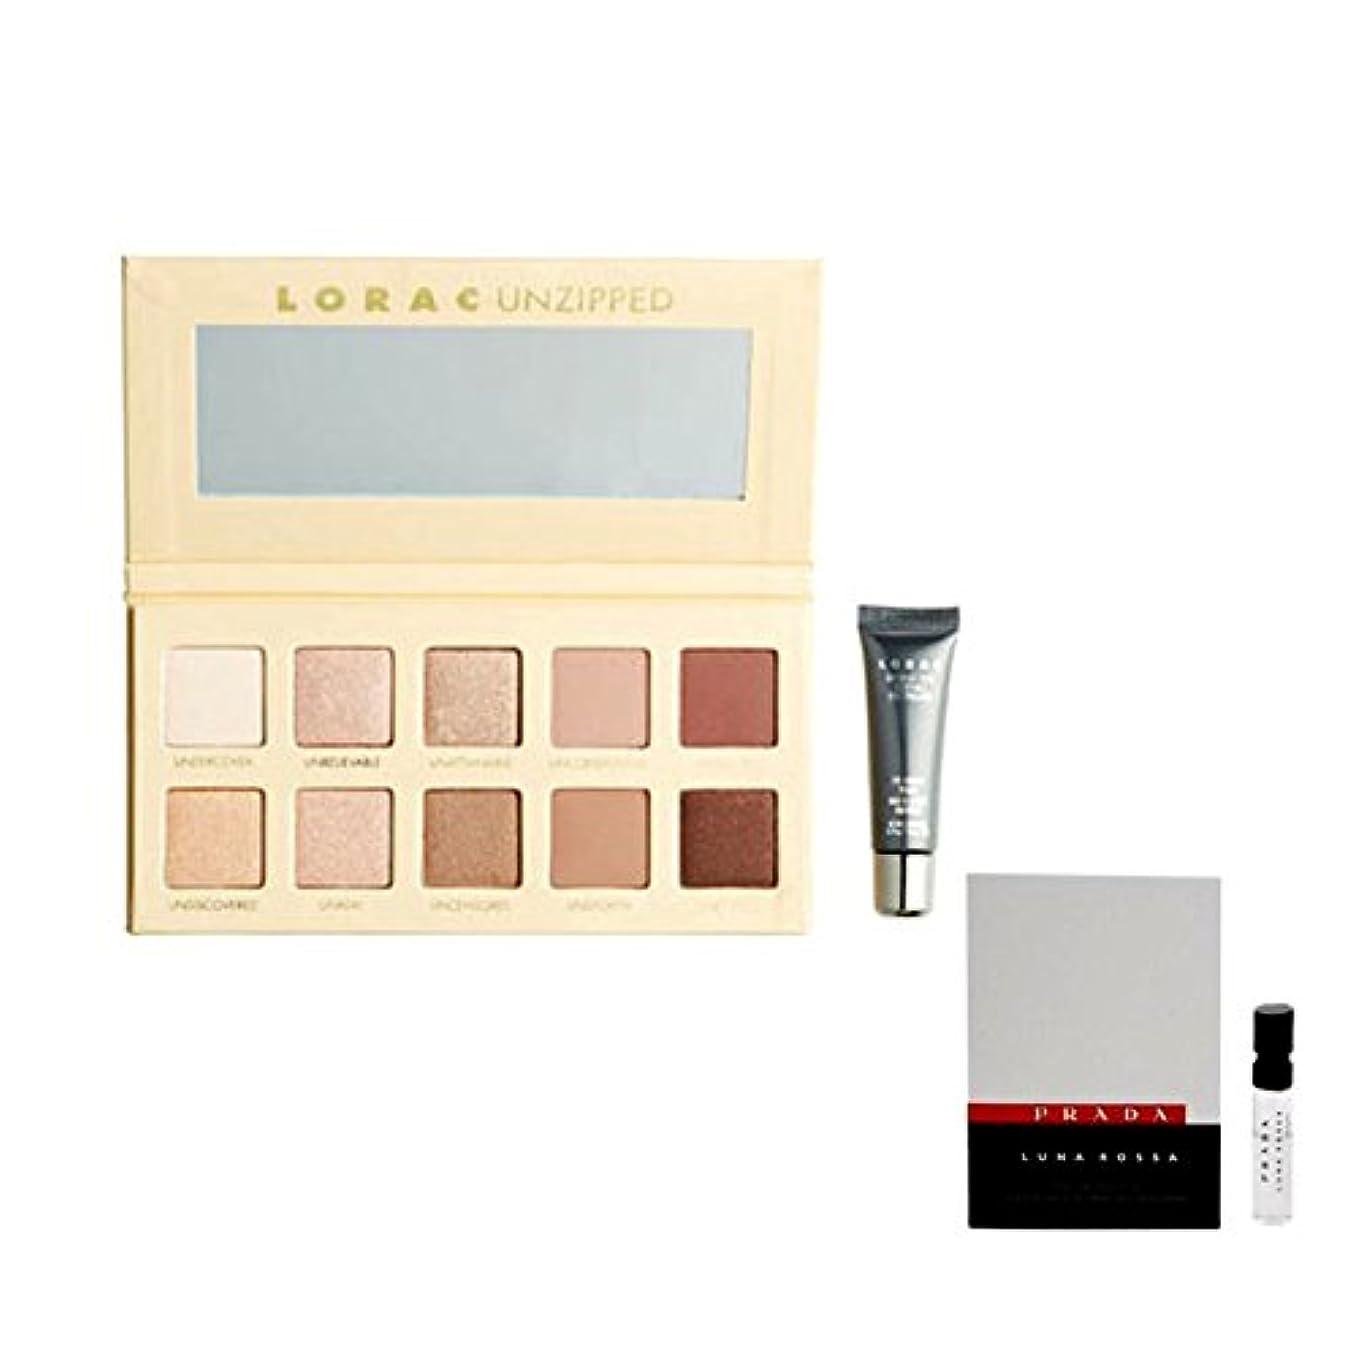 Lorac  'Unzipped' Shimmer & Matte Eyeshadow Palette [海外直送品] [並行輸入品]